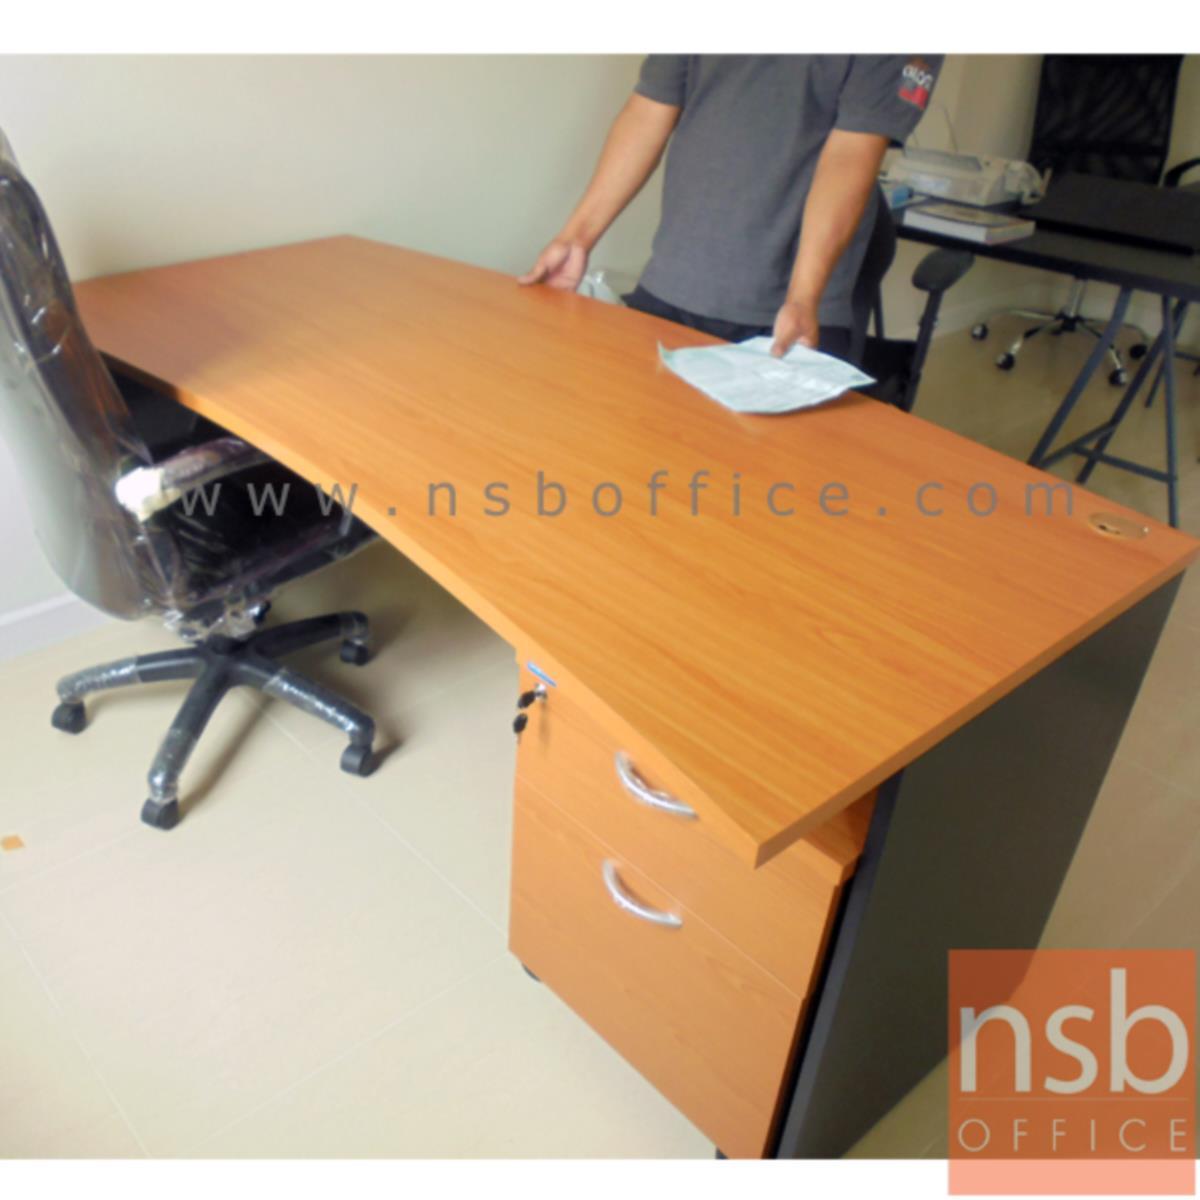 โต๊ะผู้บริหารหน้าโค้งเสี้ยวพระจันทร์  รุ่น Chandos (แชนดอส) ขนาด 180W cm. สีเชอร์รี่ดำ